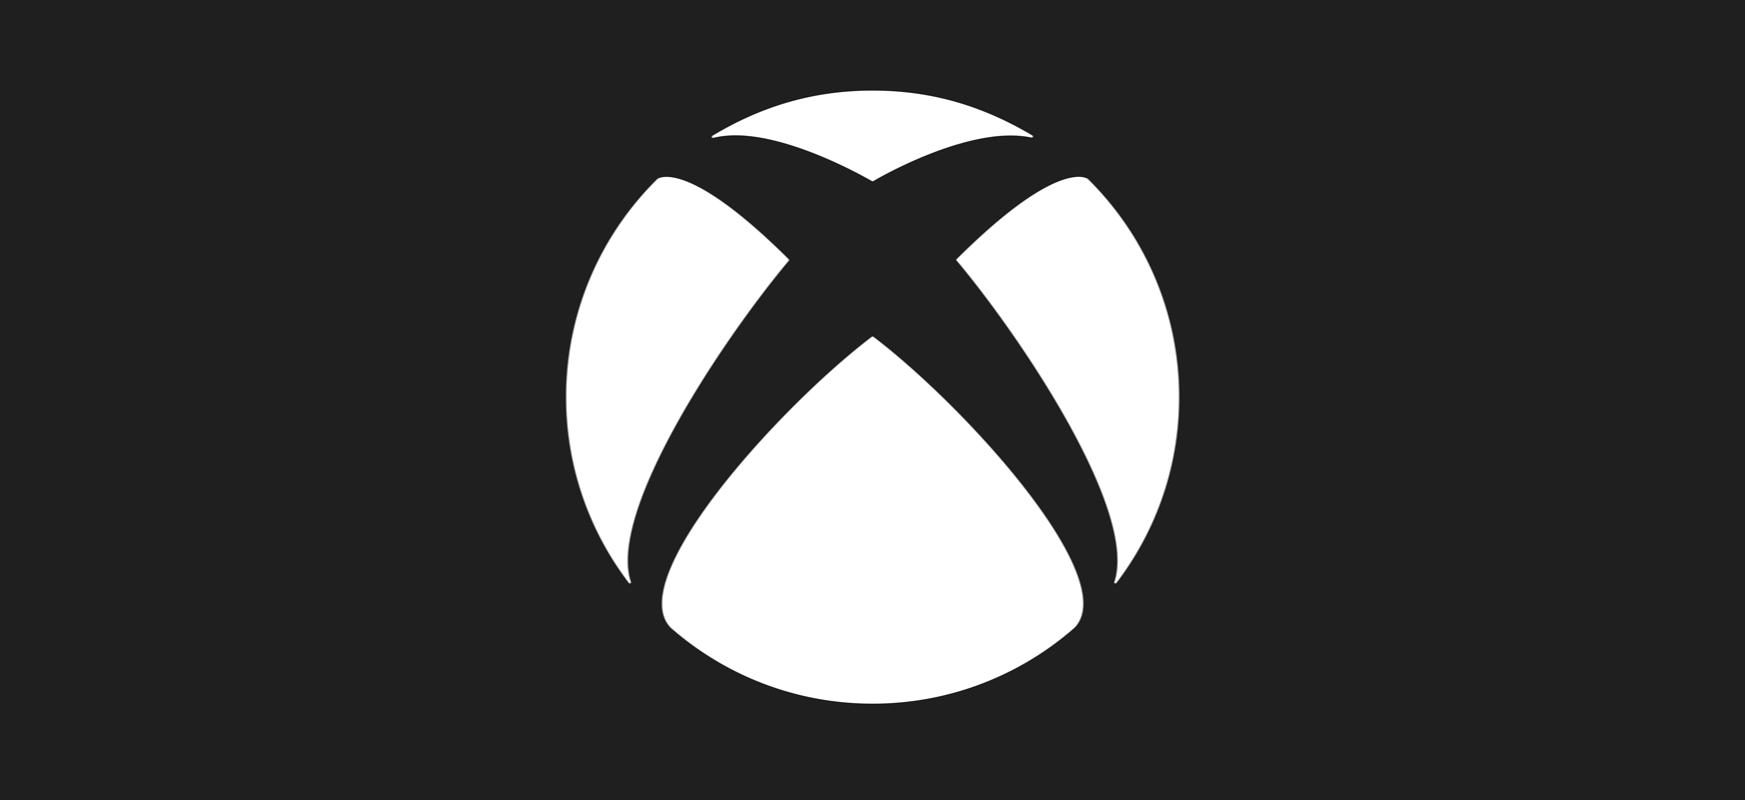 """Xbox Series S merkeena PlayStationen aurkako arma sekretua da 5.  """"Lockheart"""" kontsolari buruz dakigun guztia"""